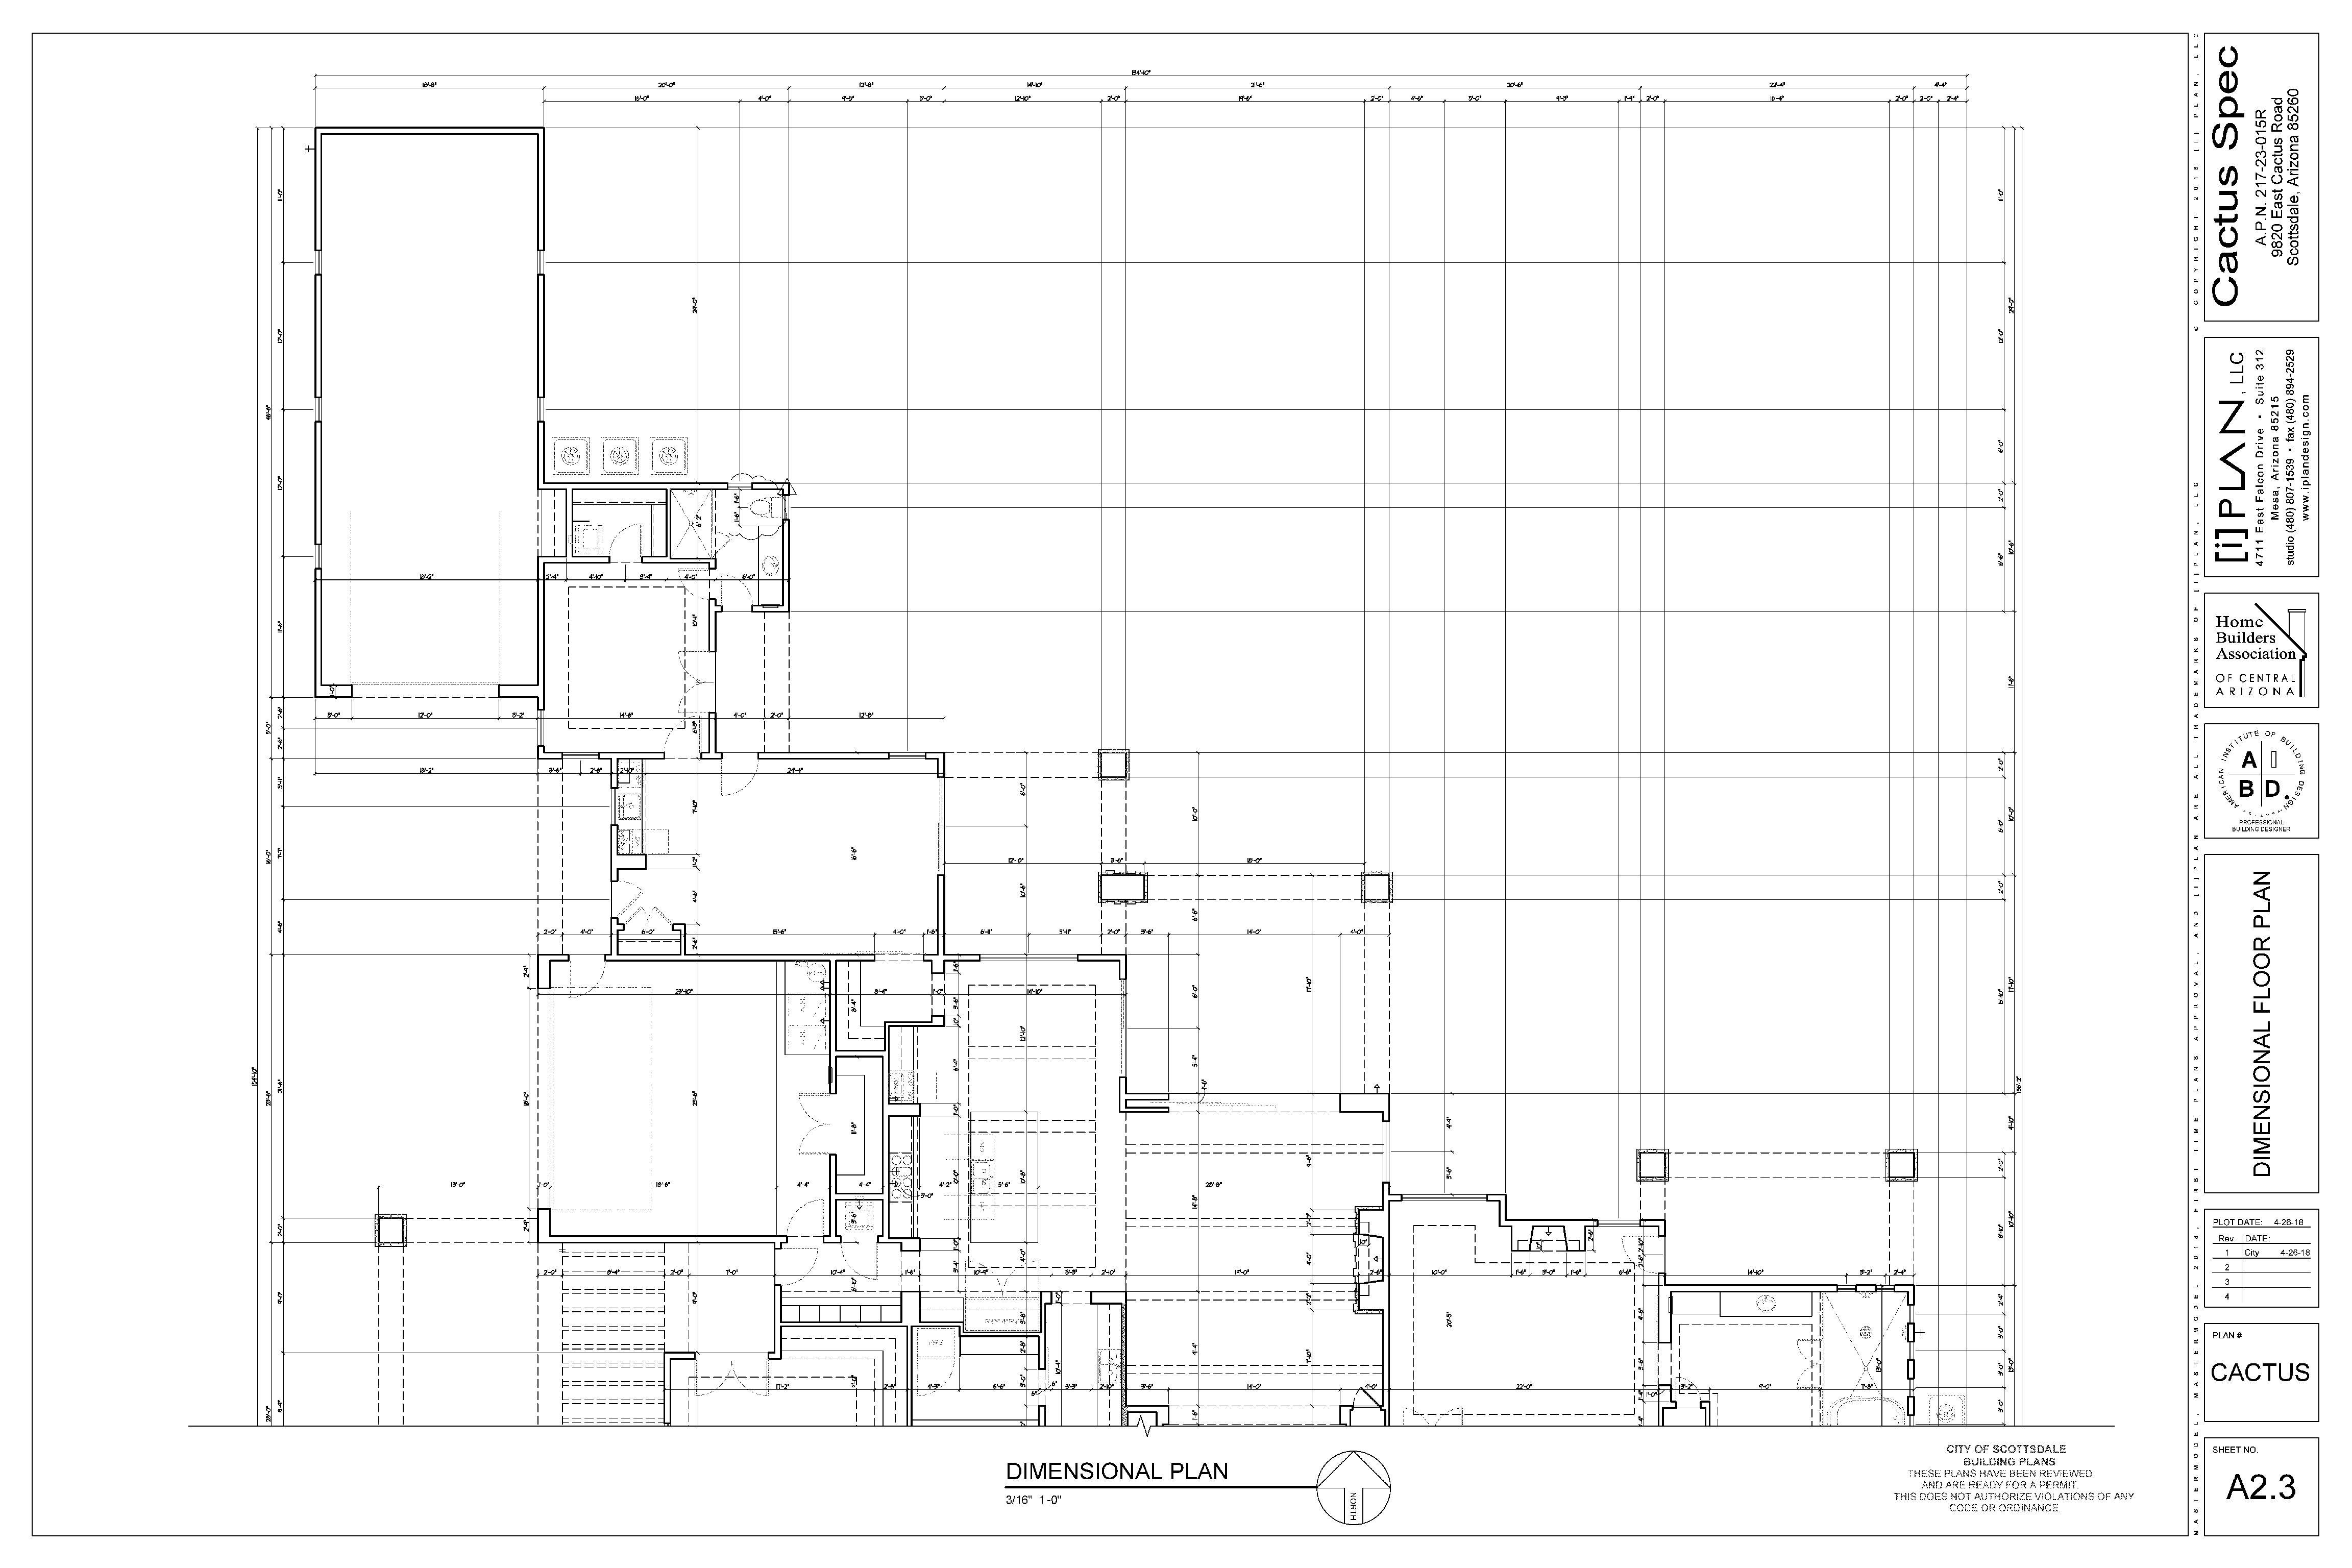 modern-french-farm 008-A2.3.Dimensional Floorplan